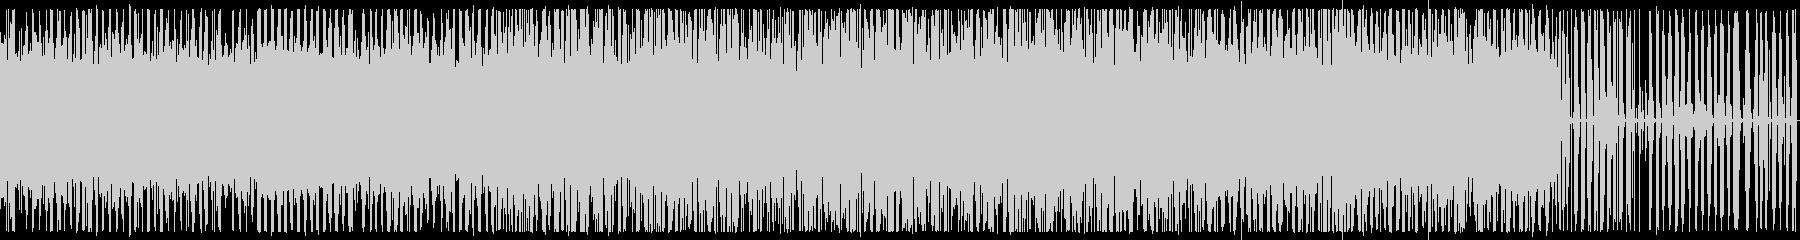 ピアノとノイズのエレクトロニカ Cの未再生の波形